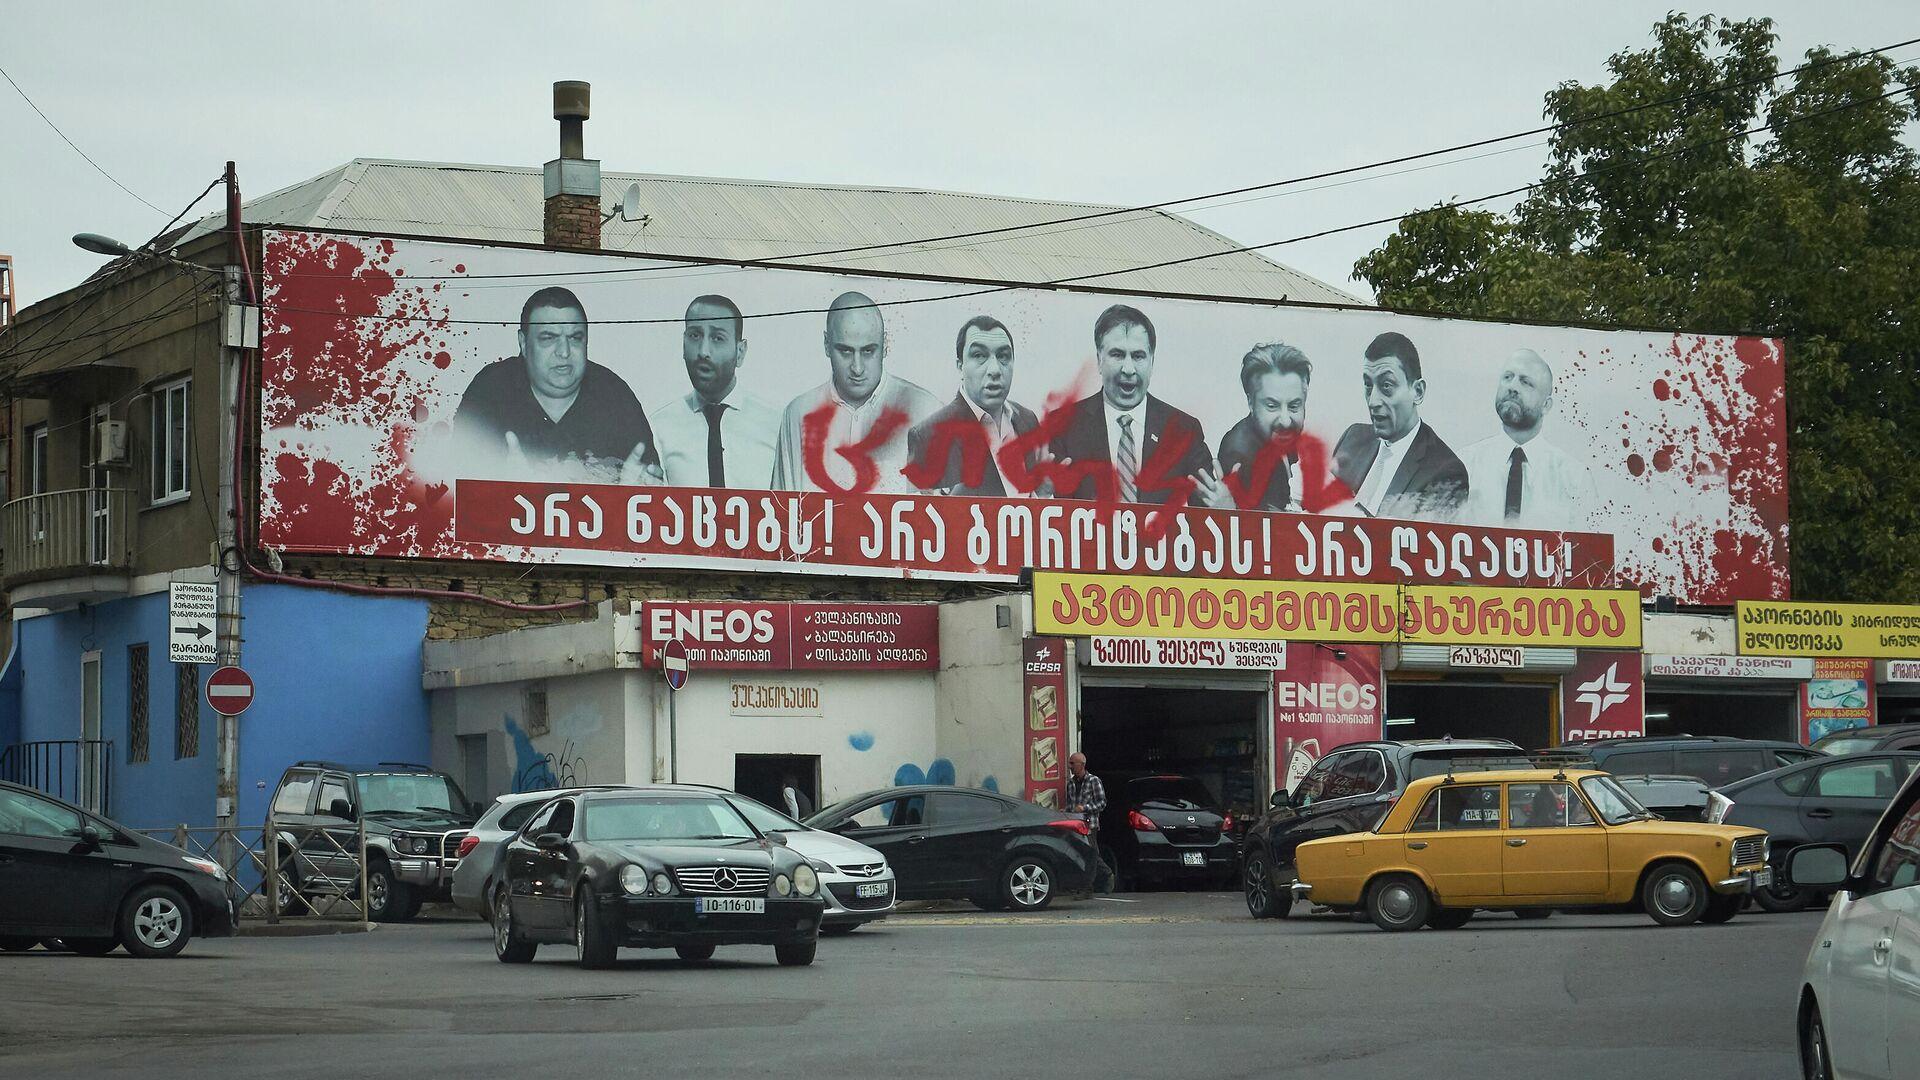 Кровавые баннеры на тбилисских улицах - предвыборная реклама - Sputnik Грузия, 1920, 30.09.2021